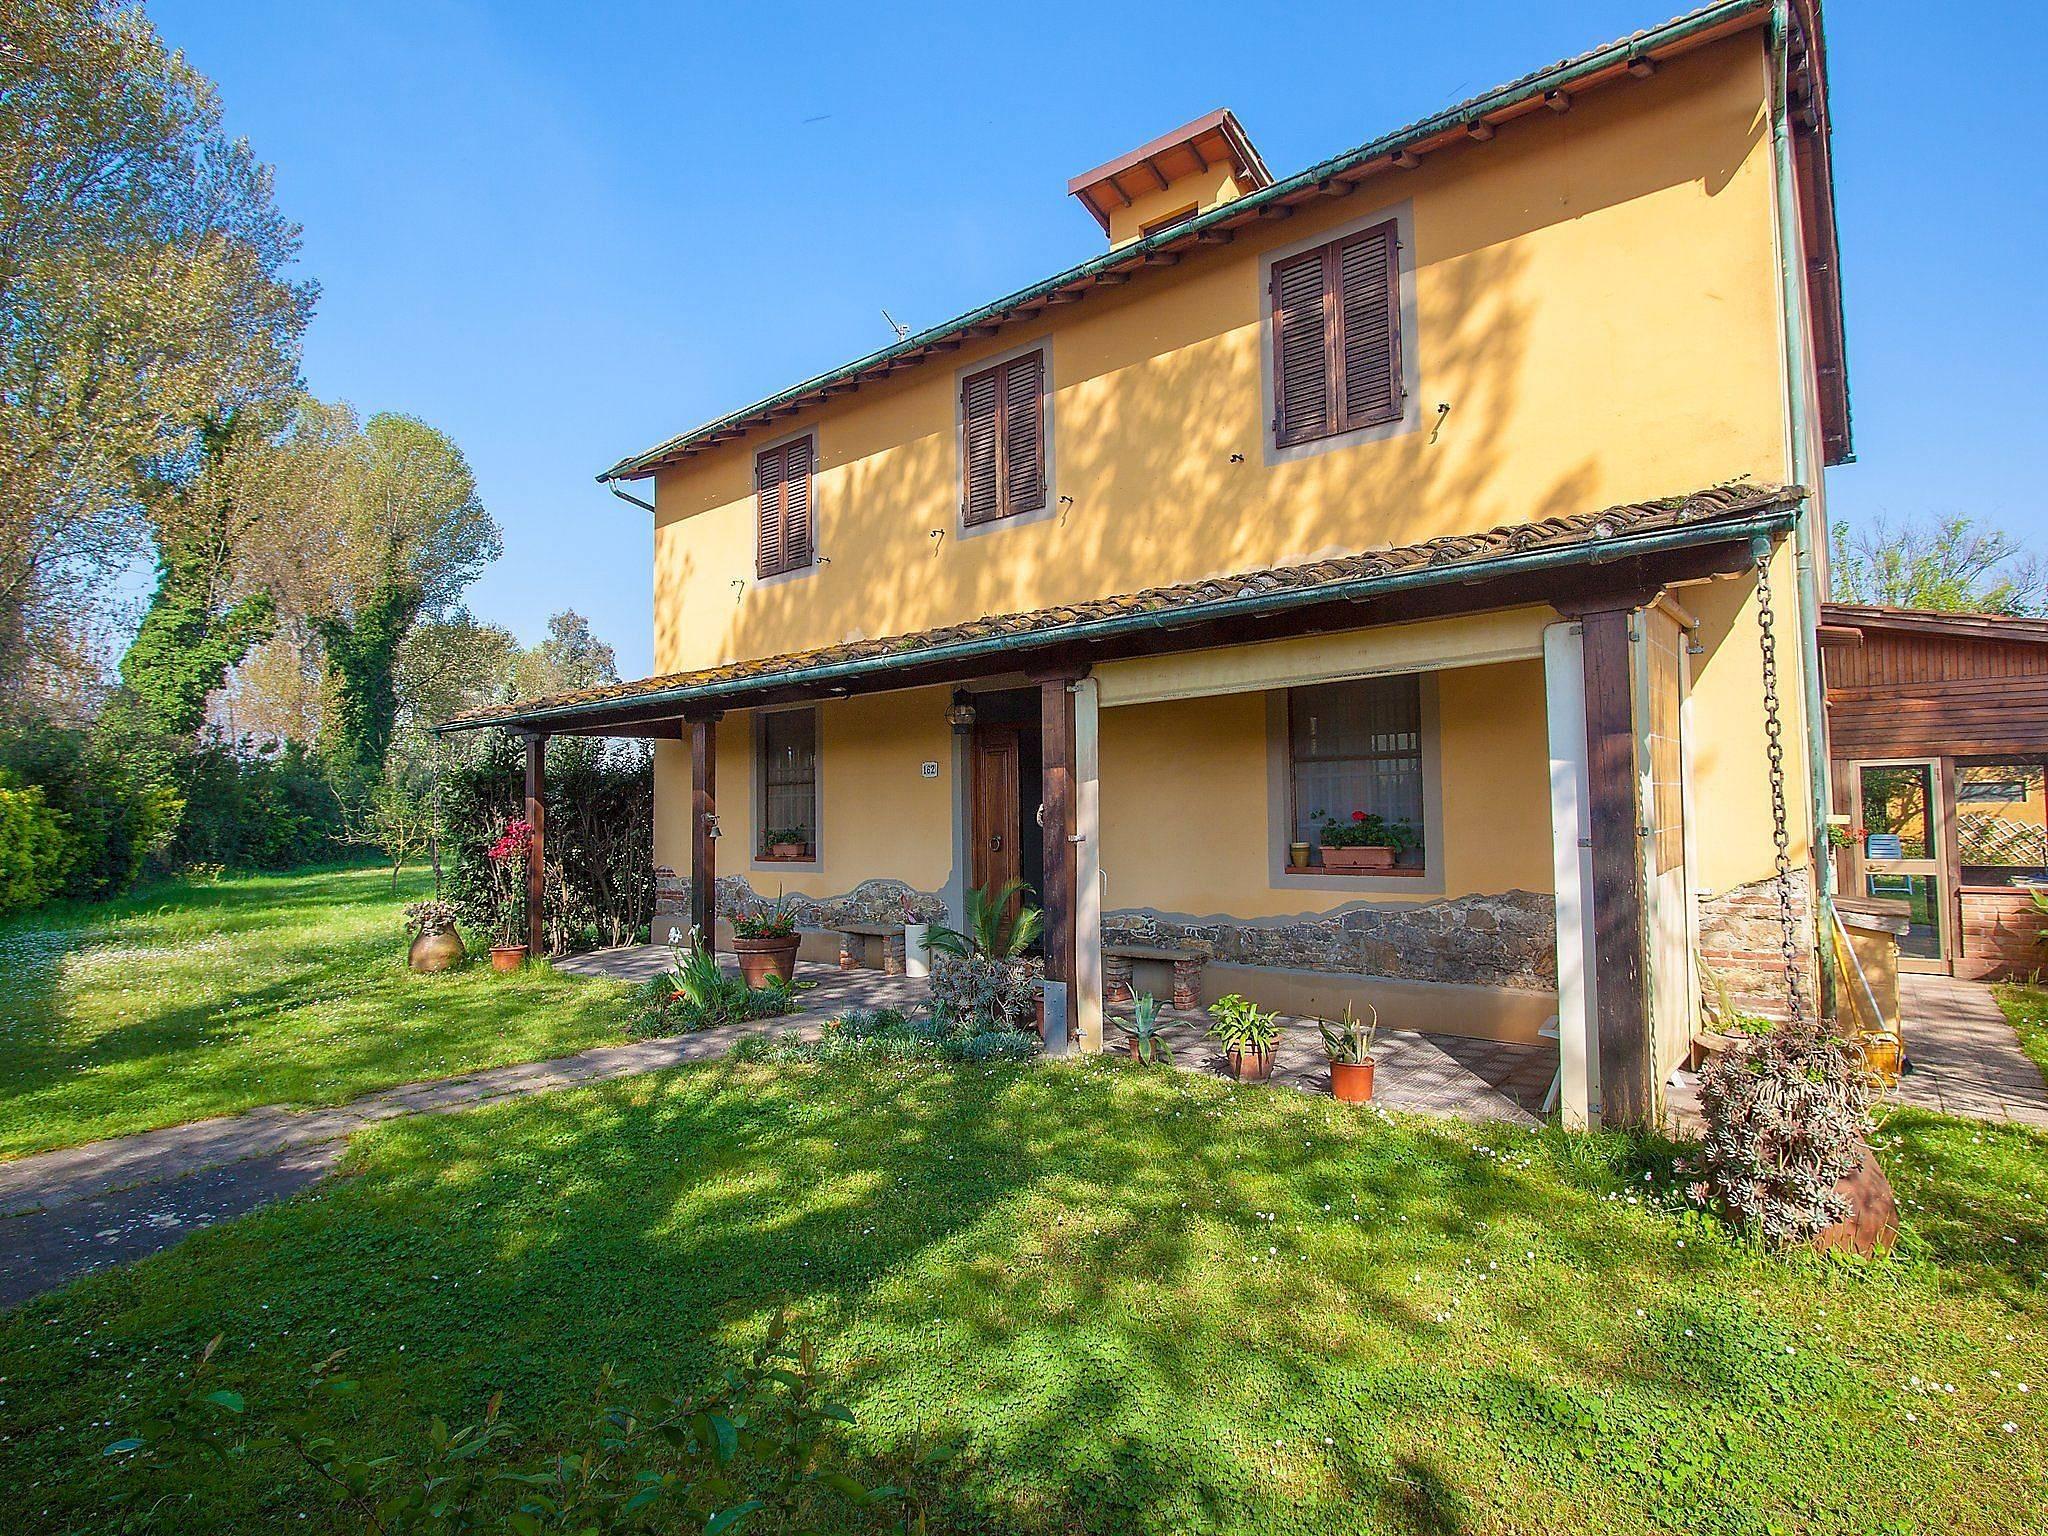 Wohnung zur miete in viareggio montramito massarosa lucca for Suche wohnung zur miete